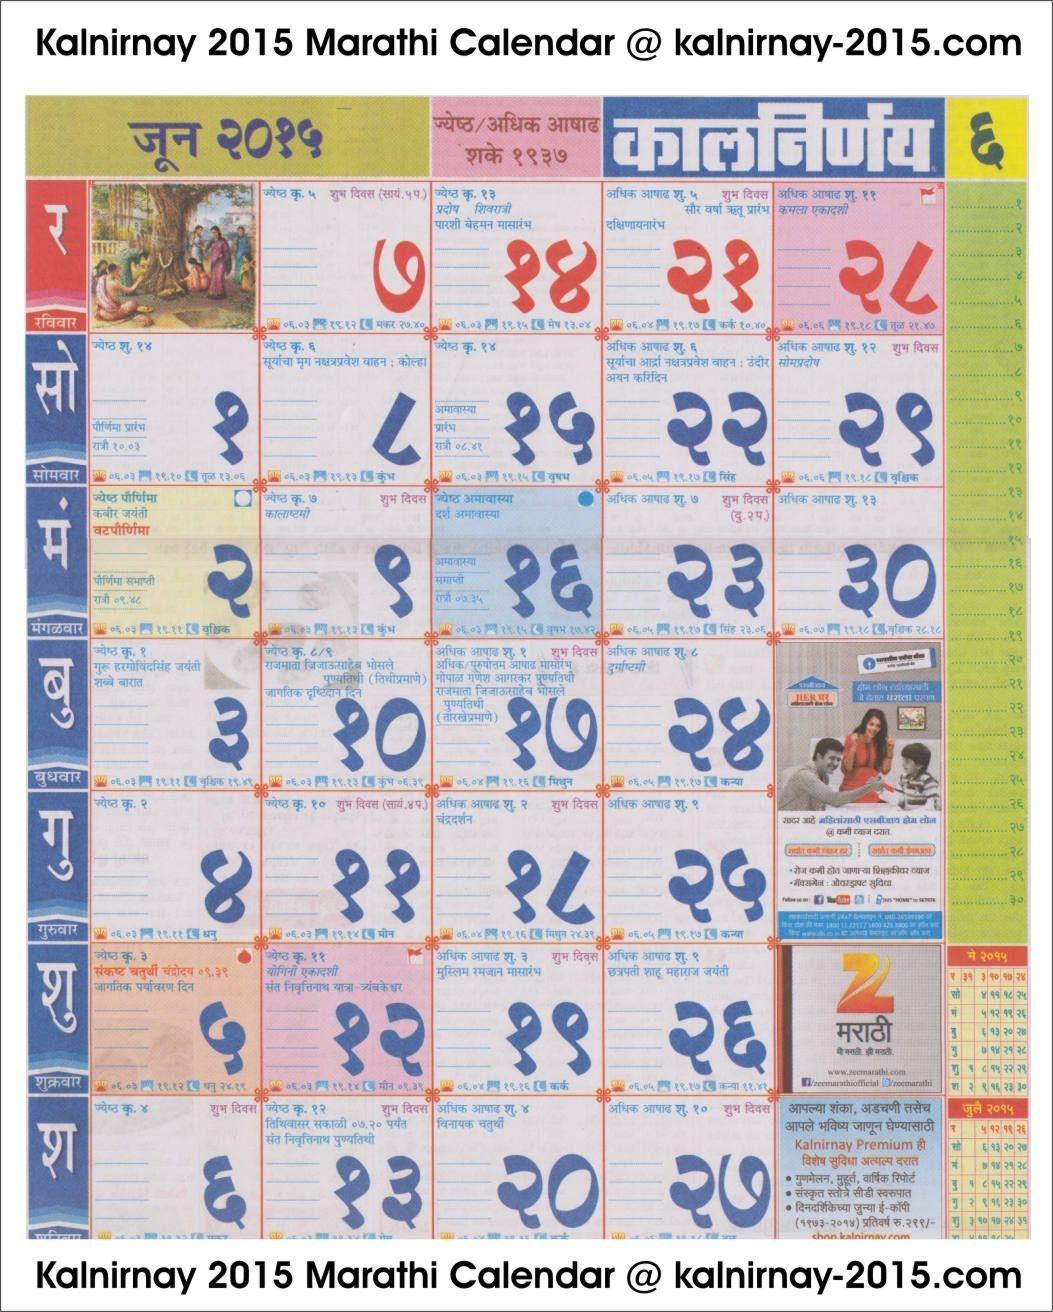 kannada mahalakshmi calendar 2015 pdf